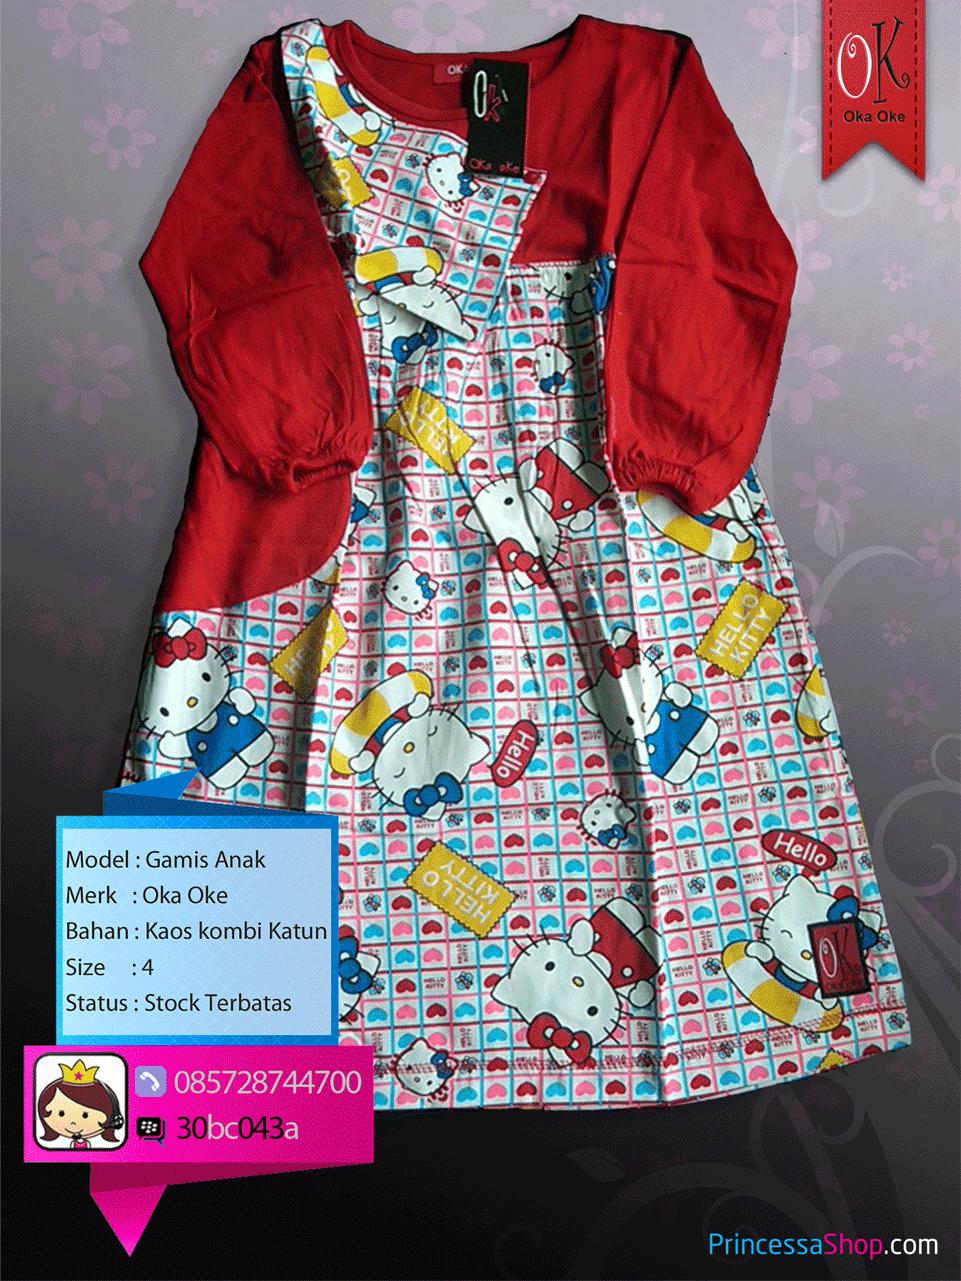 gambar baju muslim anak perempuan 1 2 3 4 tahun andra saputra baju muslim untuk anak 1 tahun,Model Baju Muslim Anak 1 Tahun